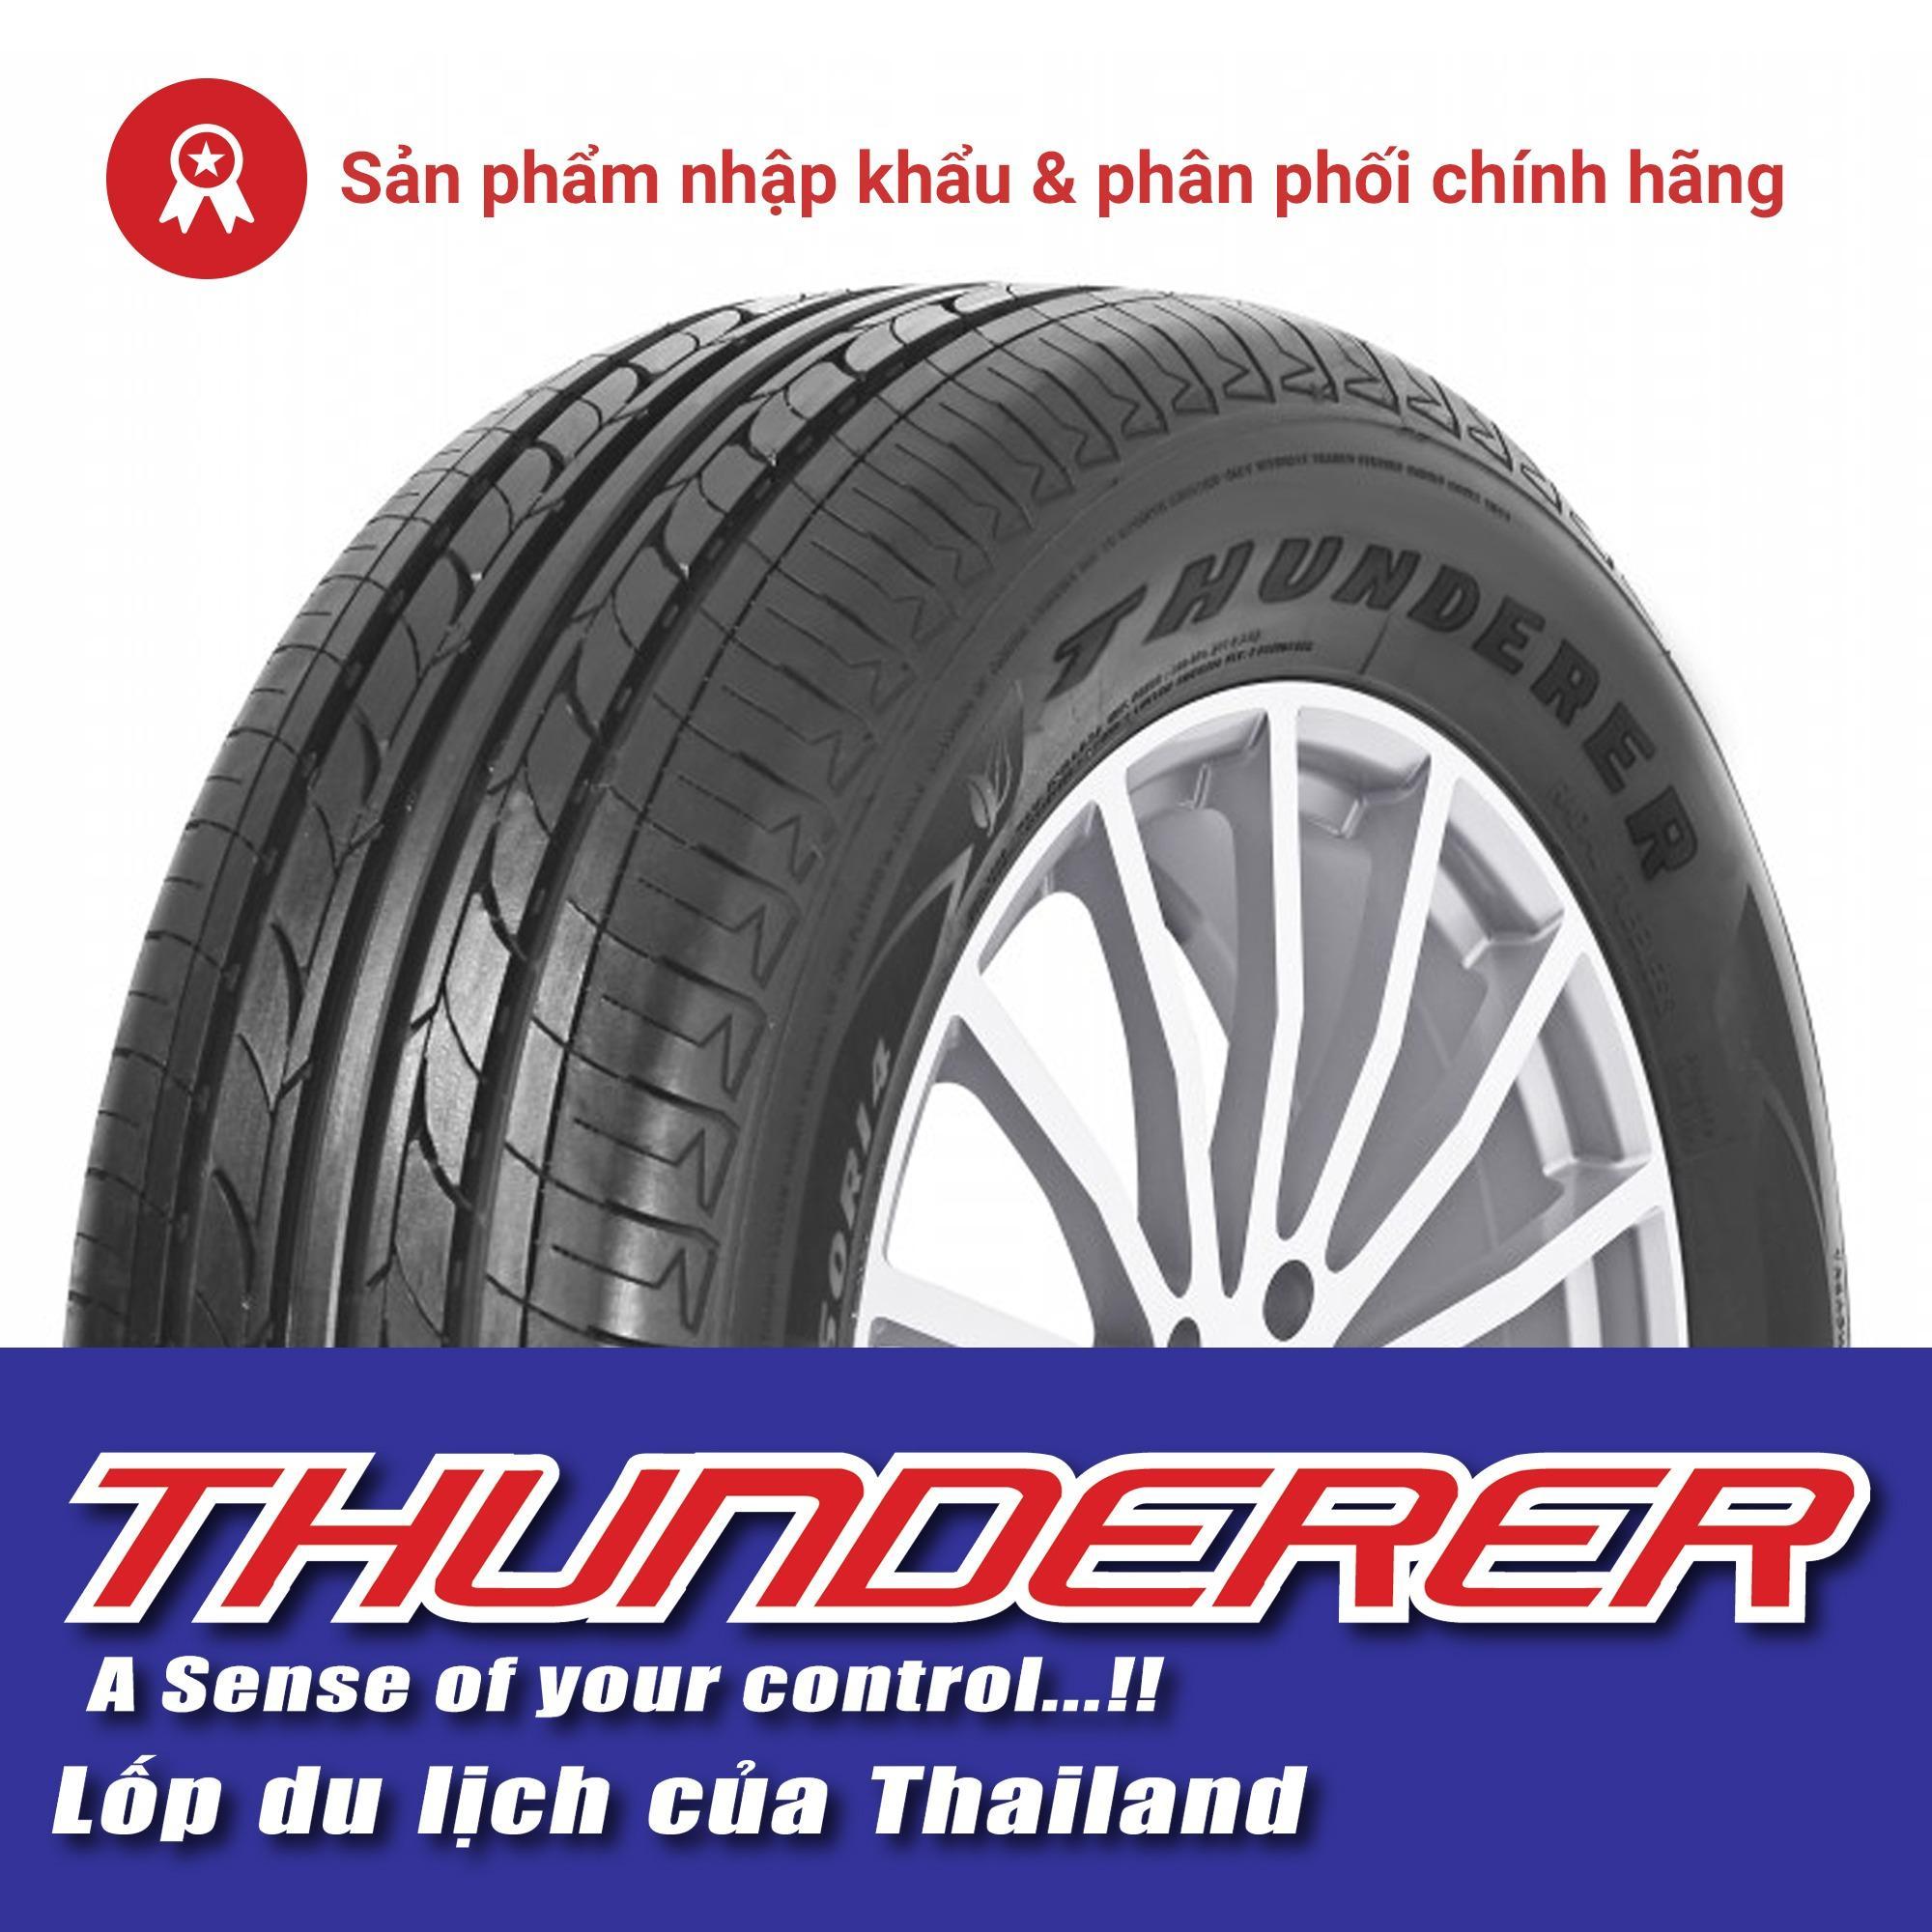 Mua Thay 04 Lốp Vỏ Xe Oto 165 65R14 79T R203 Thunderer Chinh Hang Cho Xe Hyundai Grand I10 Combo 04 Lốp Vỏ Mới Nhất